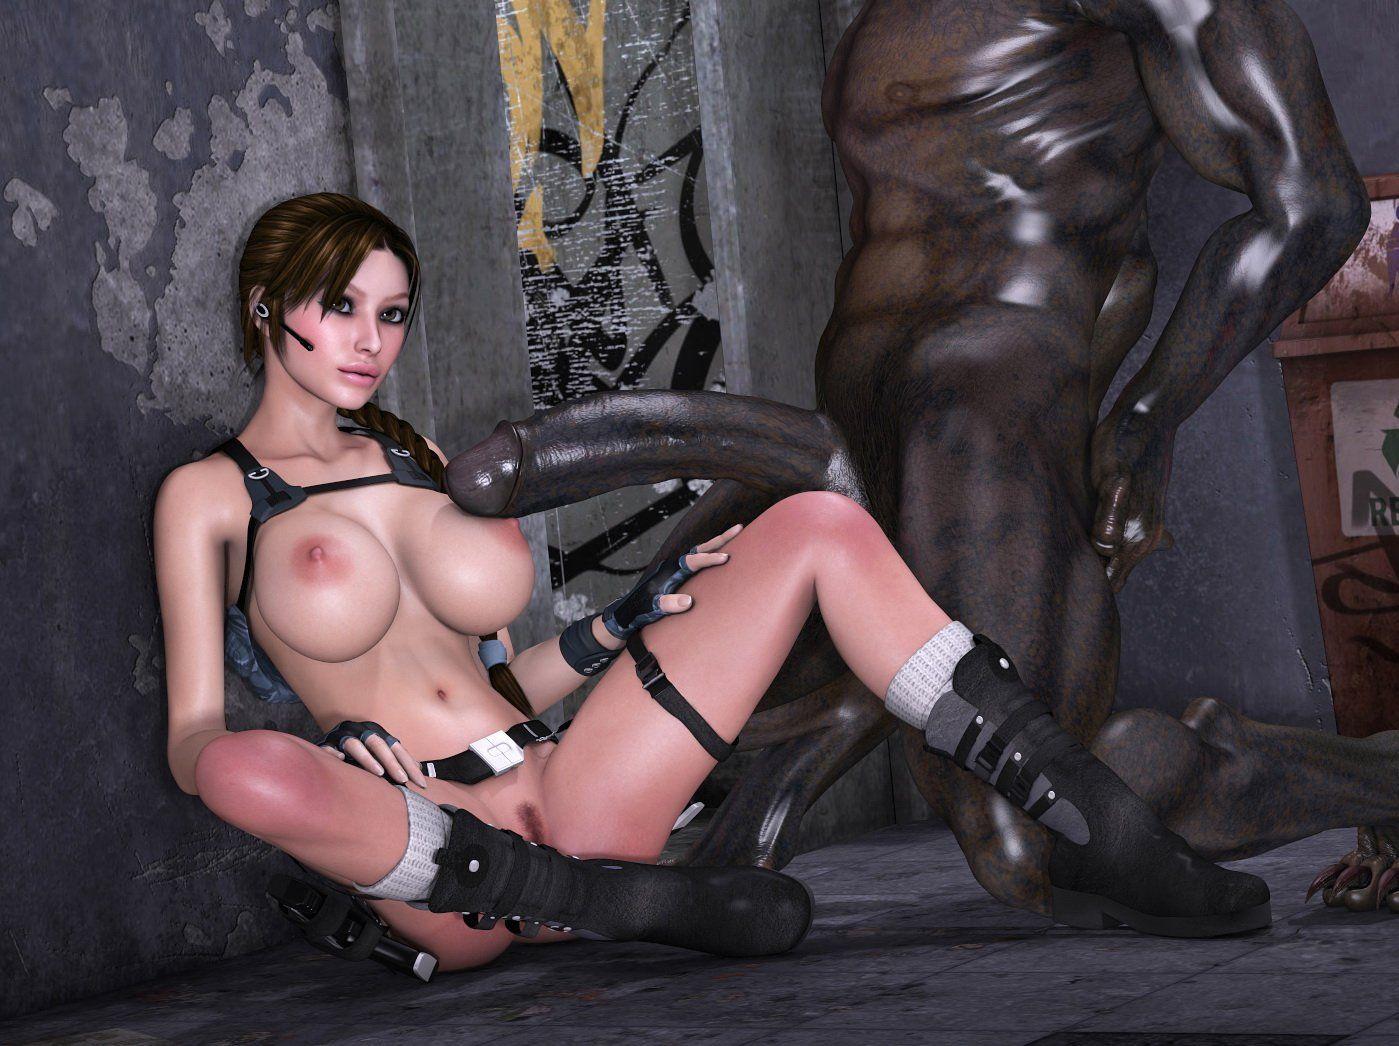 Manhattan reccomend Lara Croft in Tomb Raider have sex